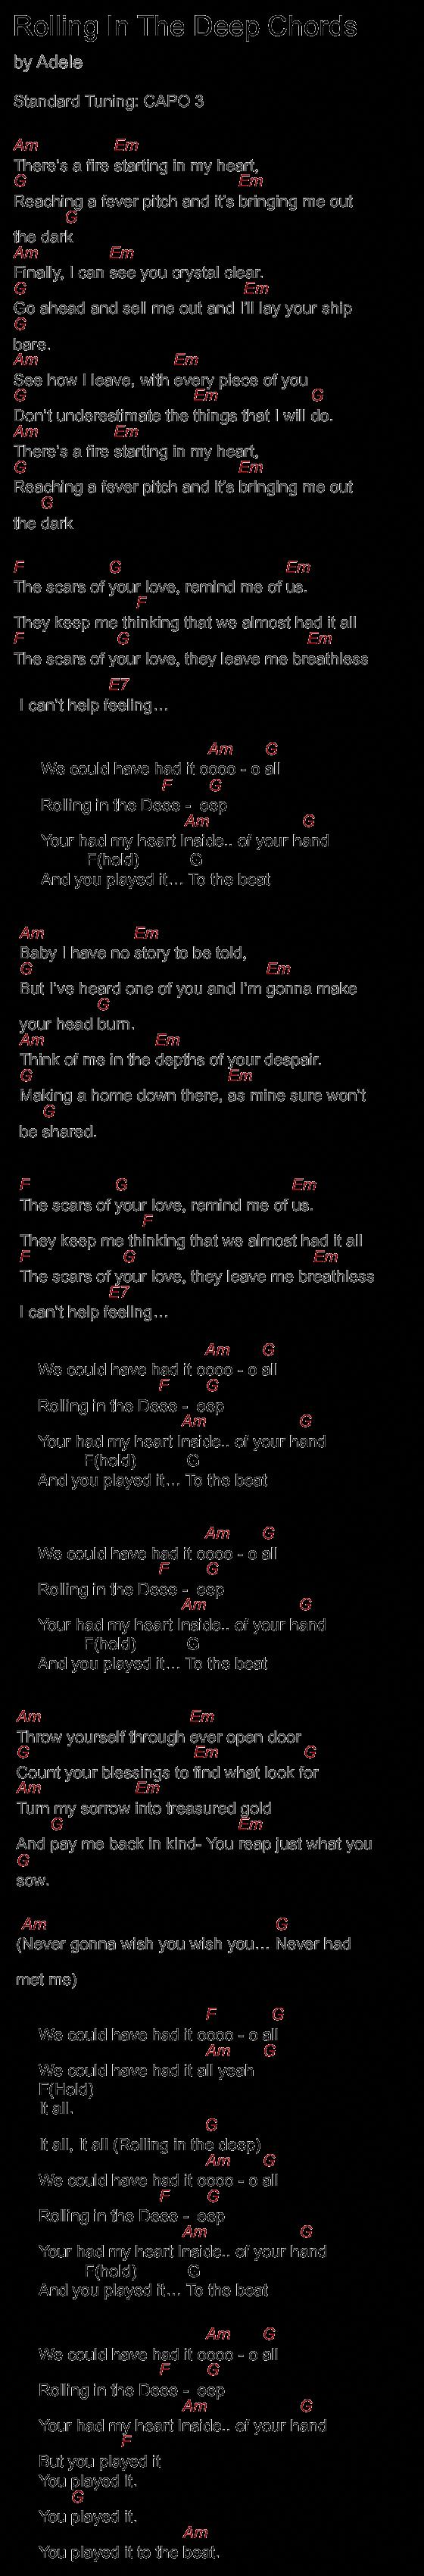 Adeles Rolling In The Deep Guitar Chords Capo 3 Verse 1 Dddu Pre Chorus Dddudddu Chorus Dddudddu Vers Guitar Chords For Songs Guitar Songs Music Guitar